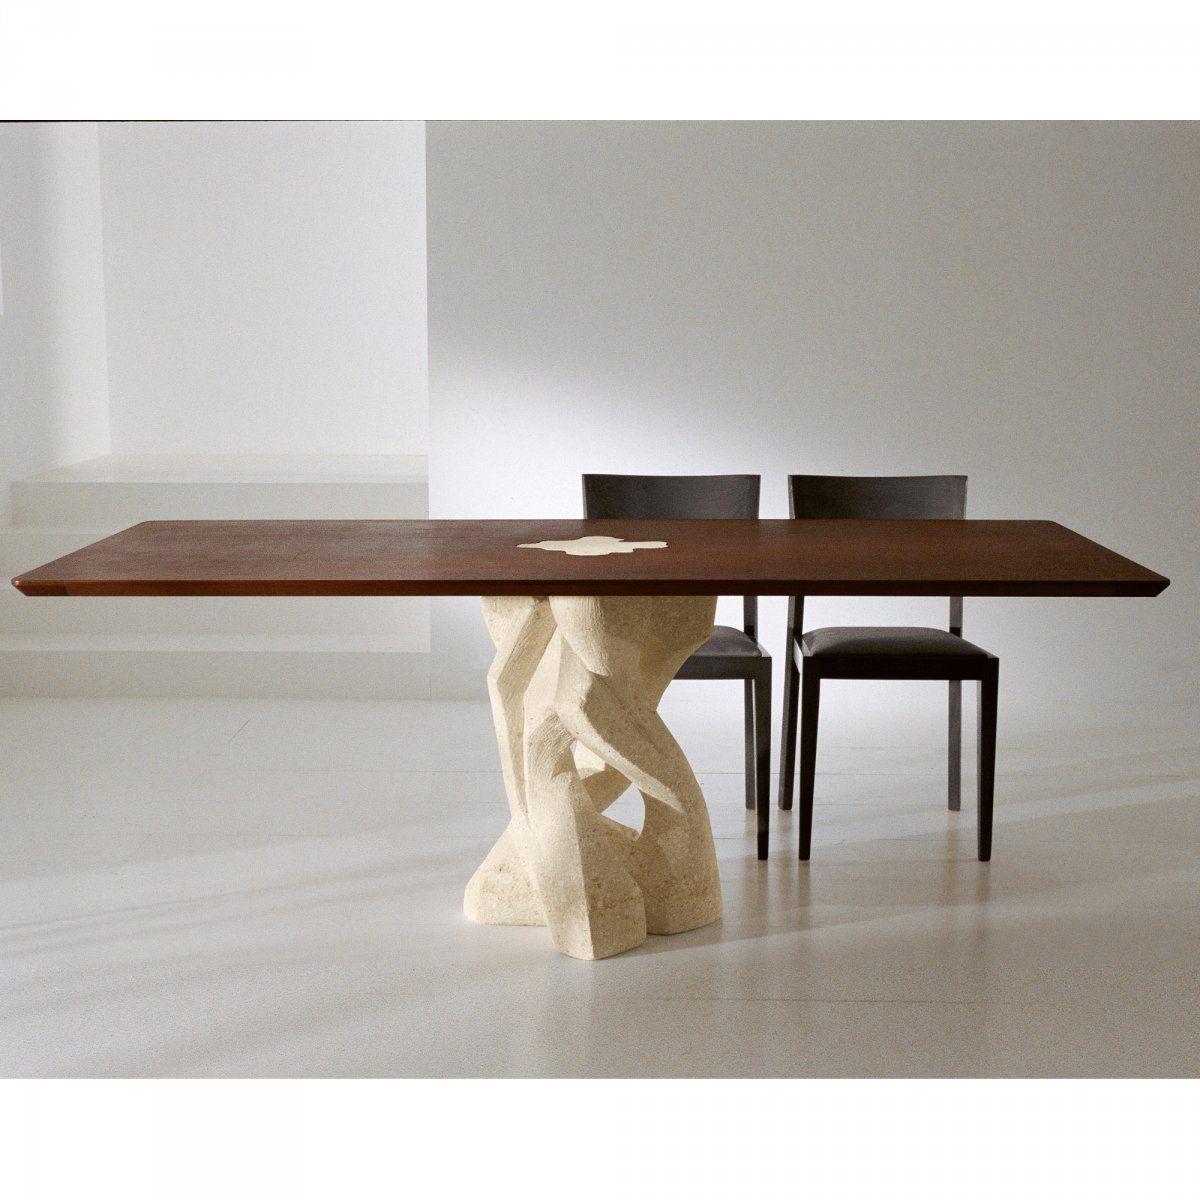 Tavolo In Vetro Con Base In Legno.Pin Di Keihome Su Laboratorio Del Marmo Modern Dining